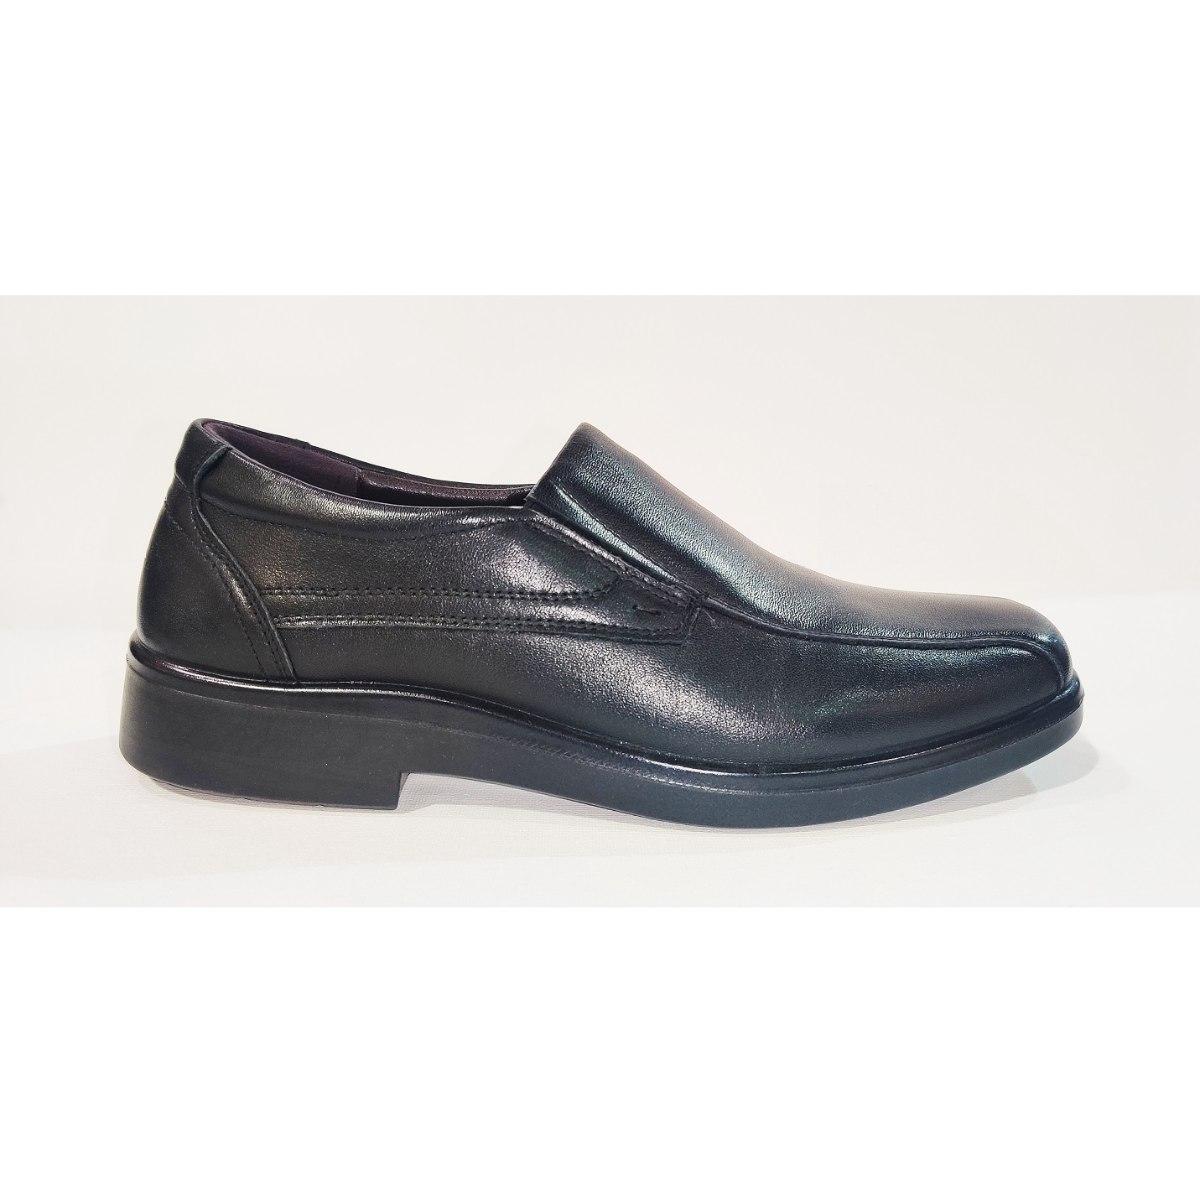 נעלי גברים - טראק קומפורט 844039